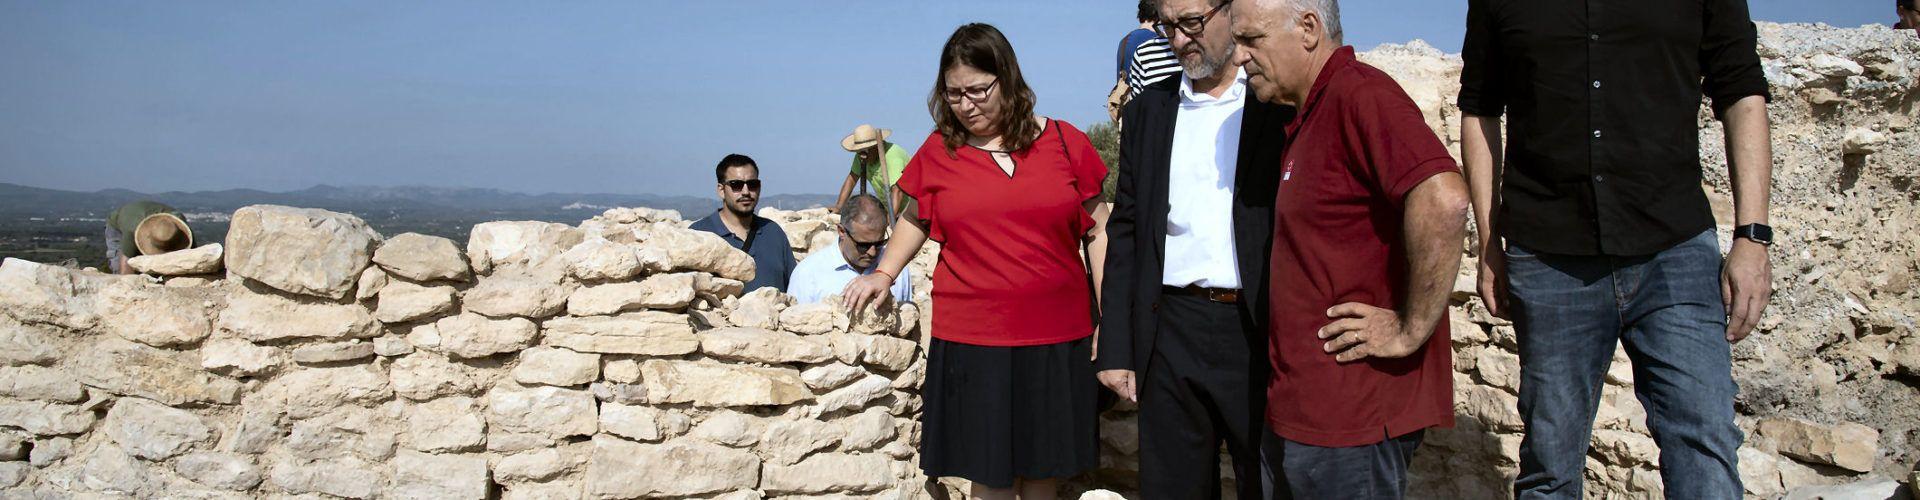 La Diputacióinvertirà 70.000 euros a 2020 per a realitzar 13 actuacions arqueològiques, como en Cinctorres y Vinaròs